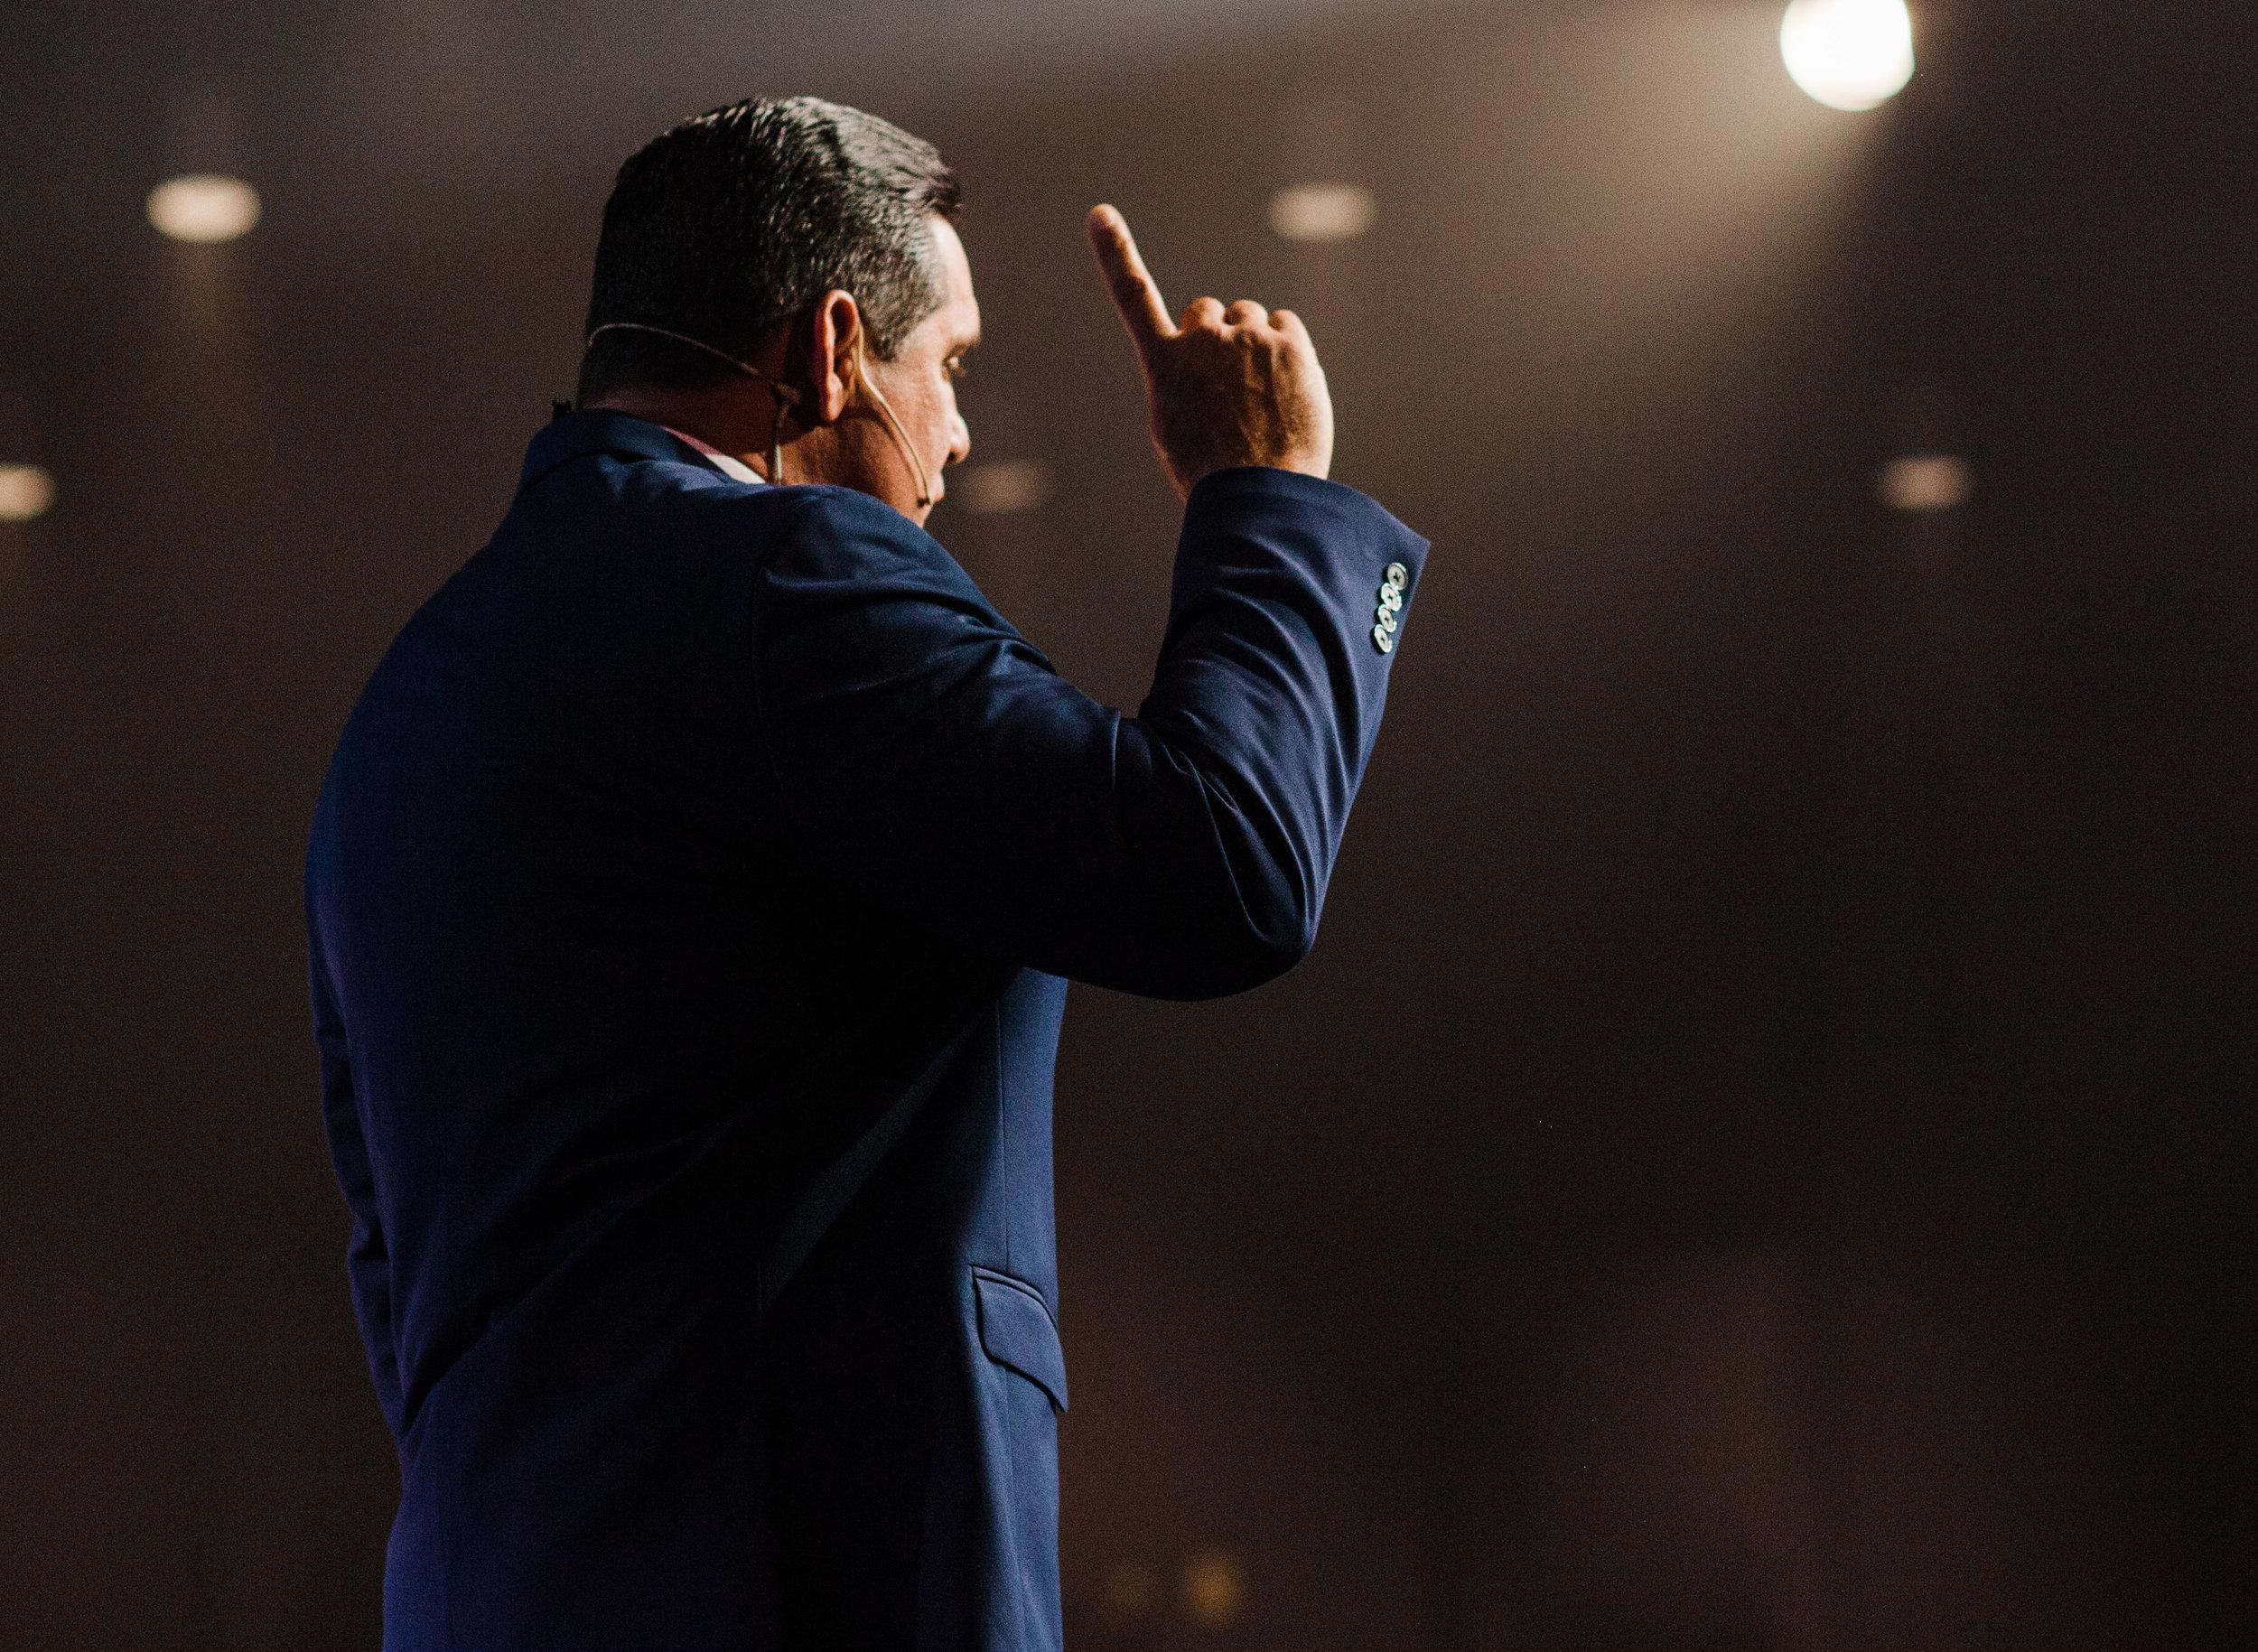 Lead Pastor Greg Dumas